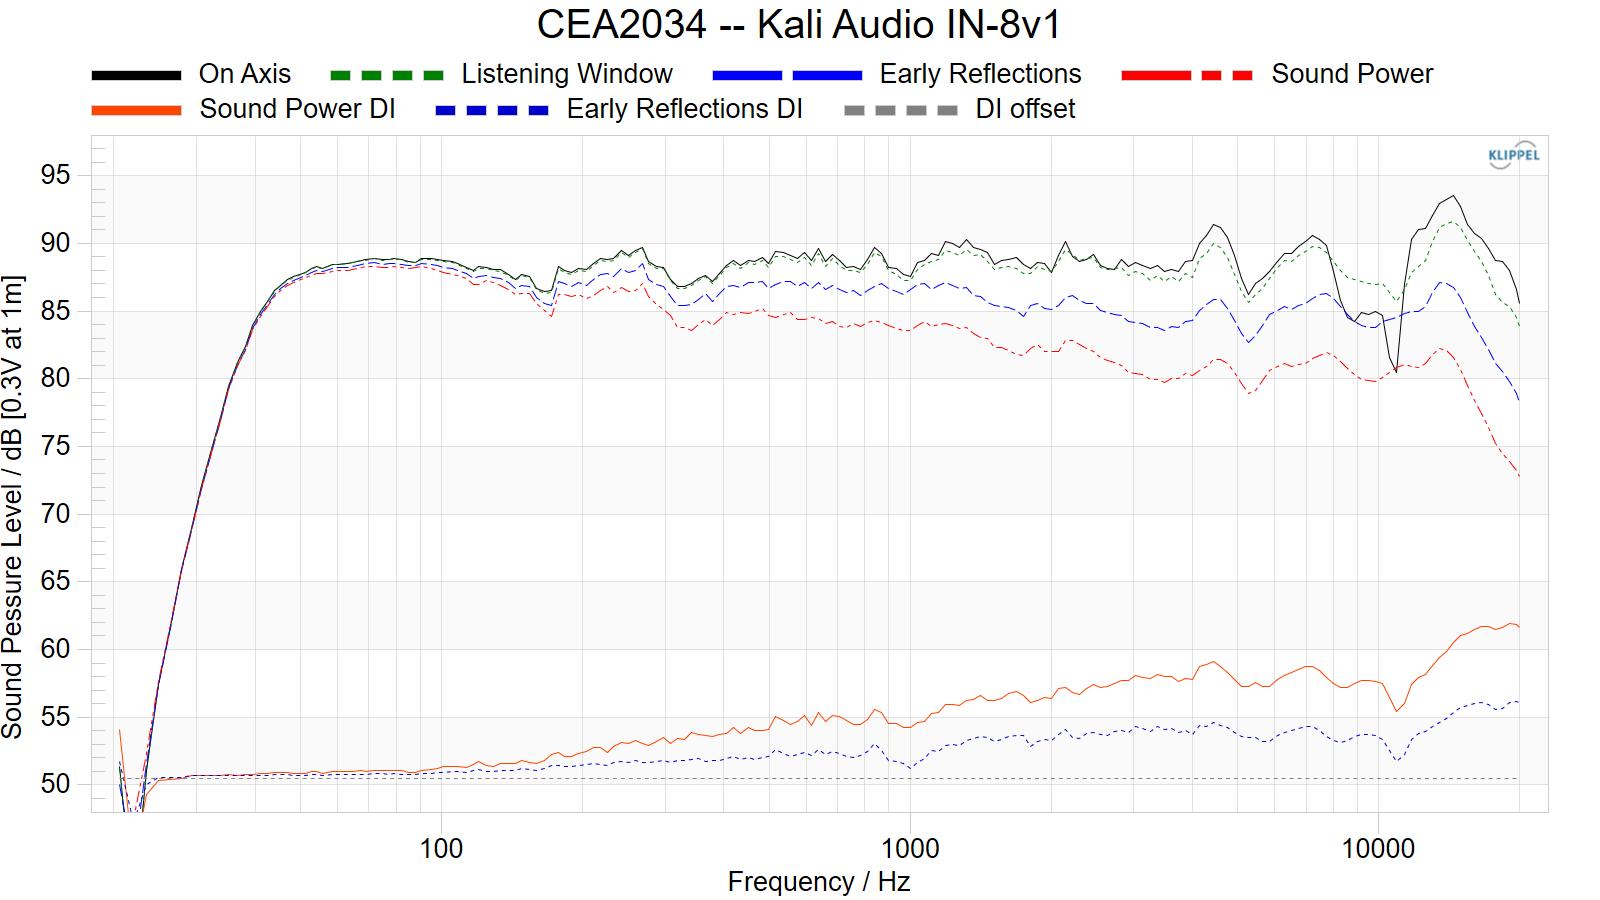 CEA2034%20--%20Kali%20Audio%20IN-8v1.png